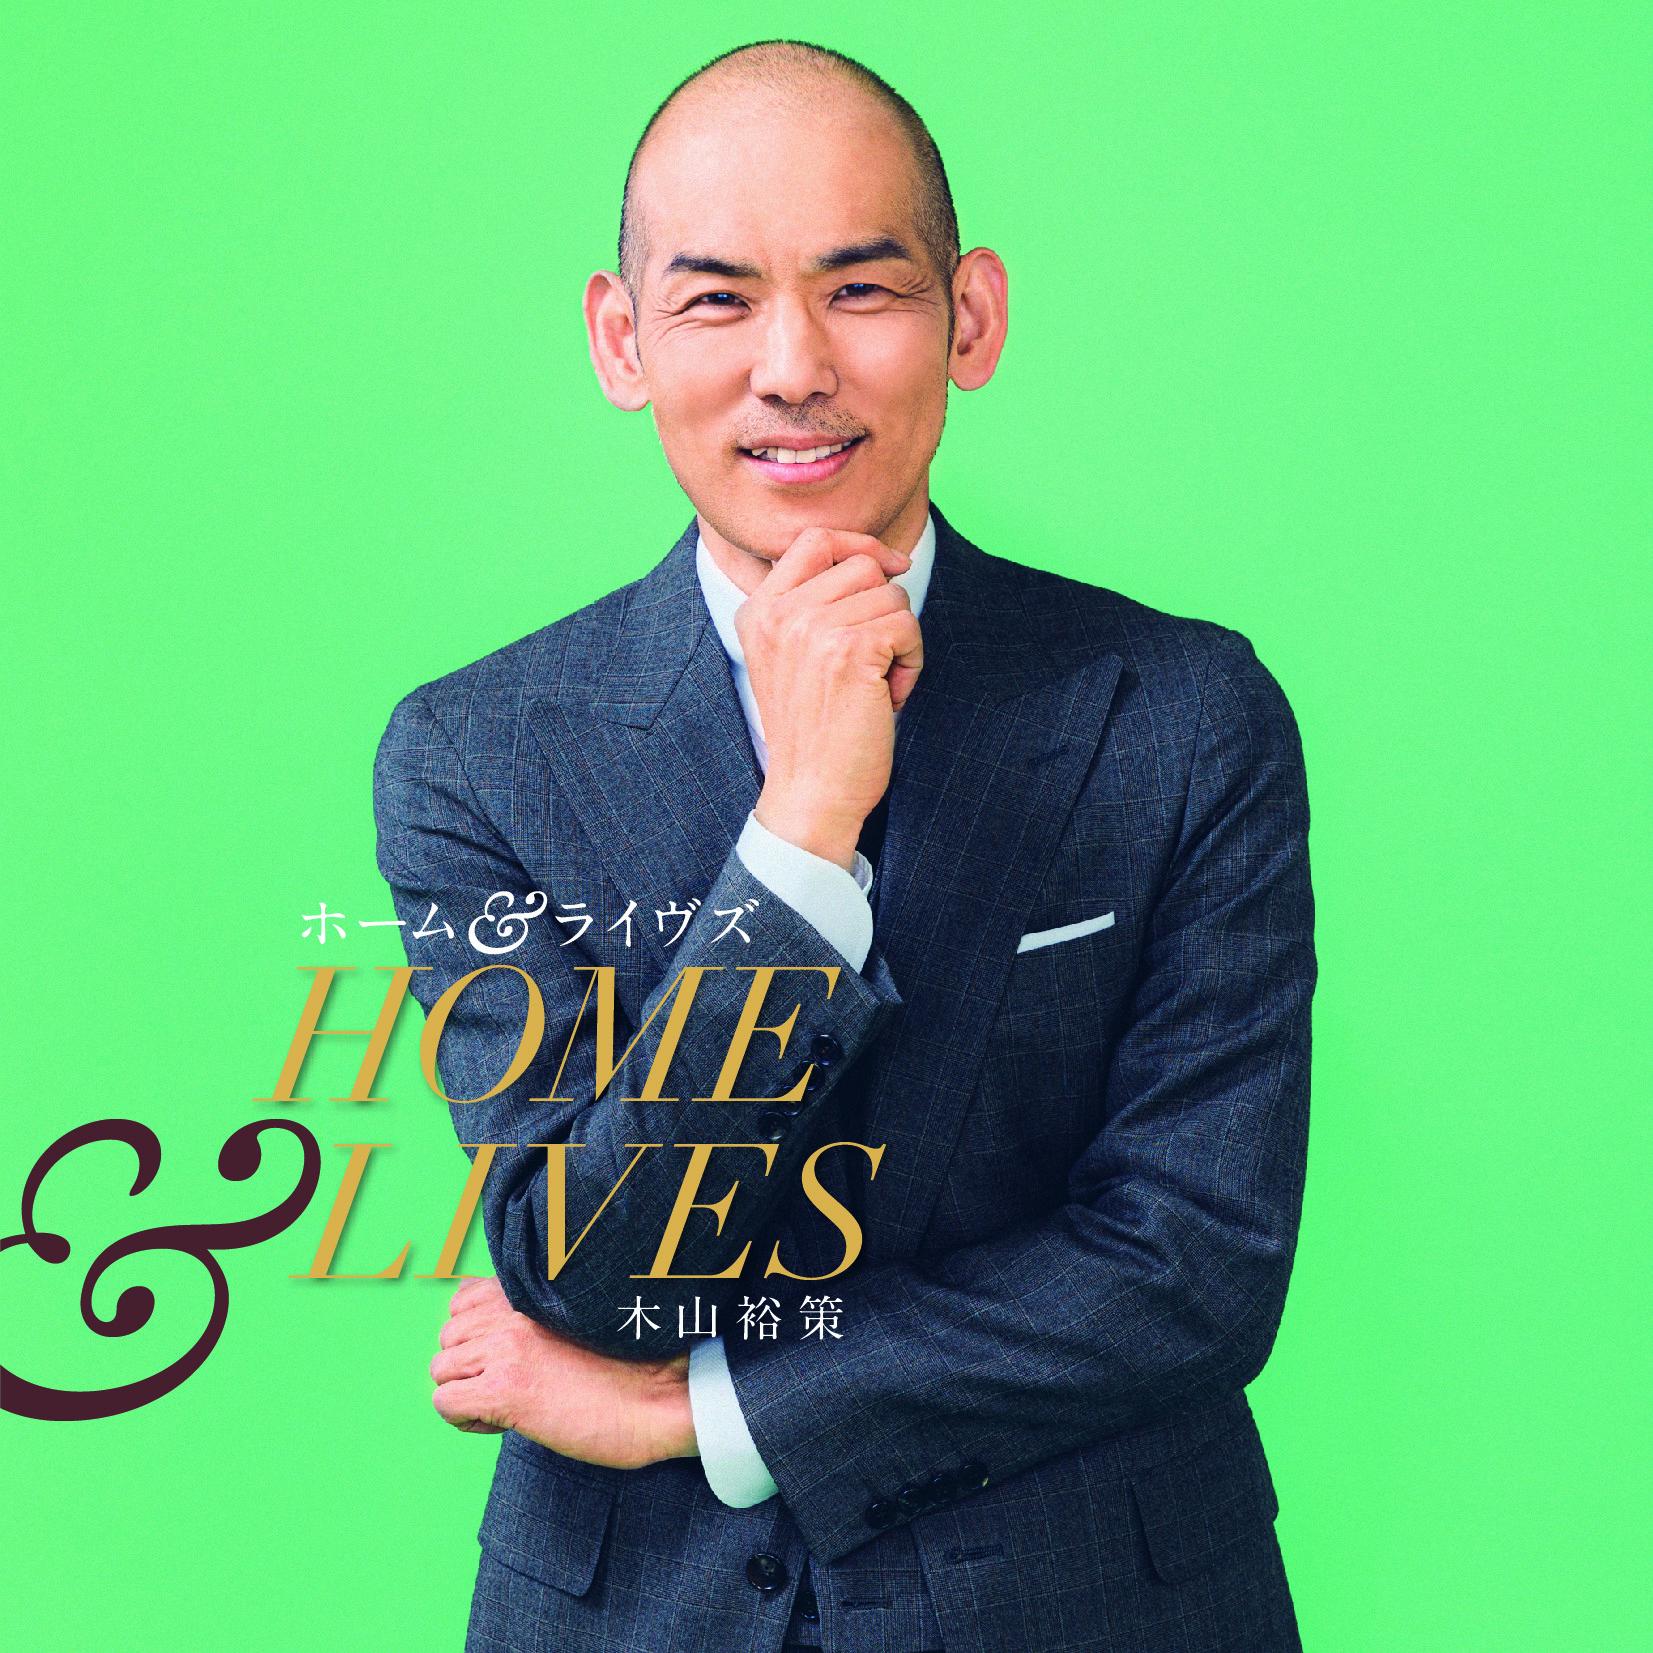 Album「ホーム&ライヴズ」